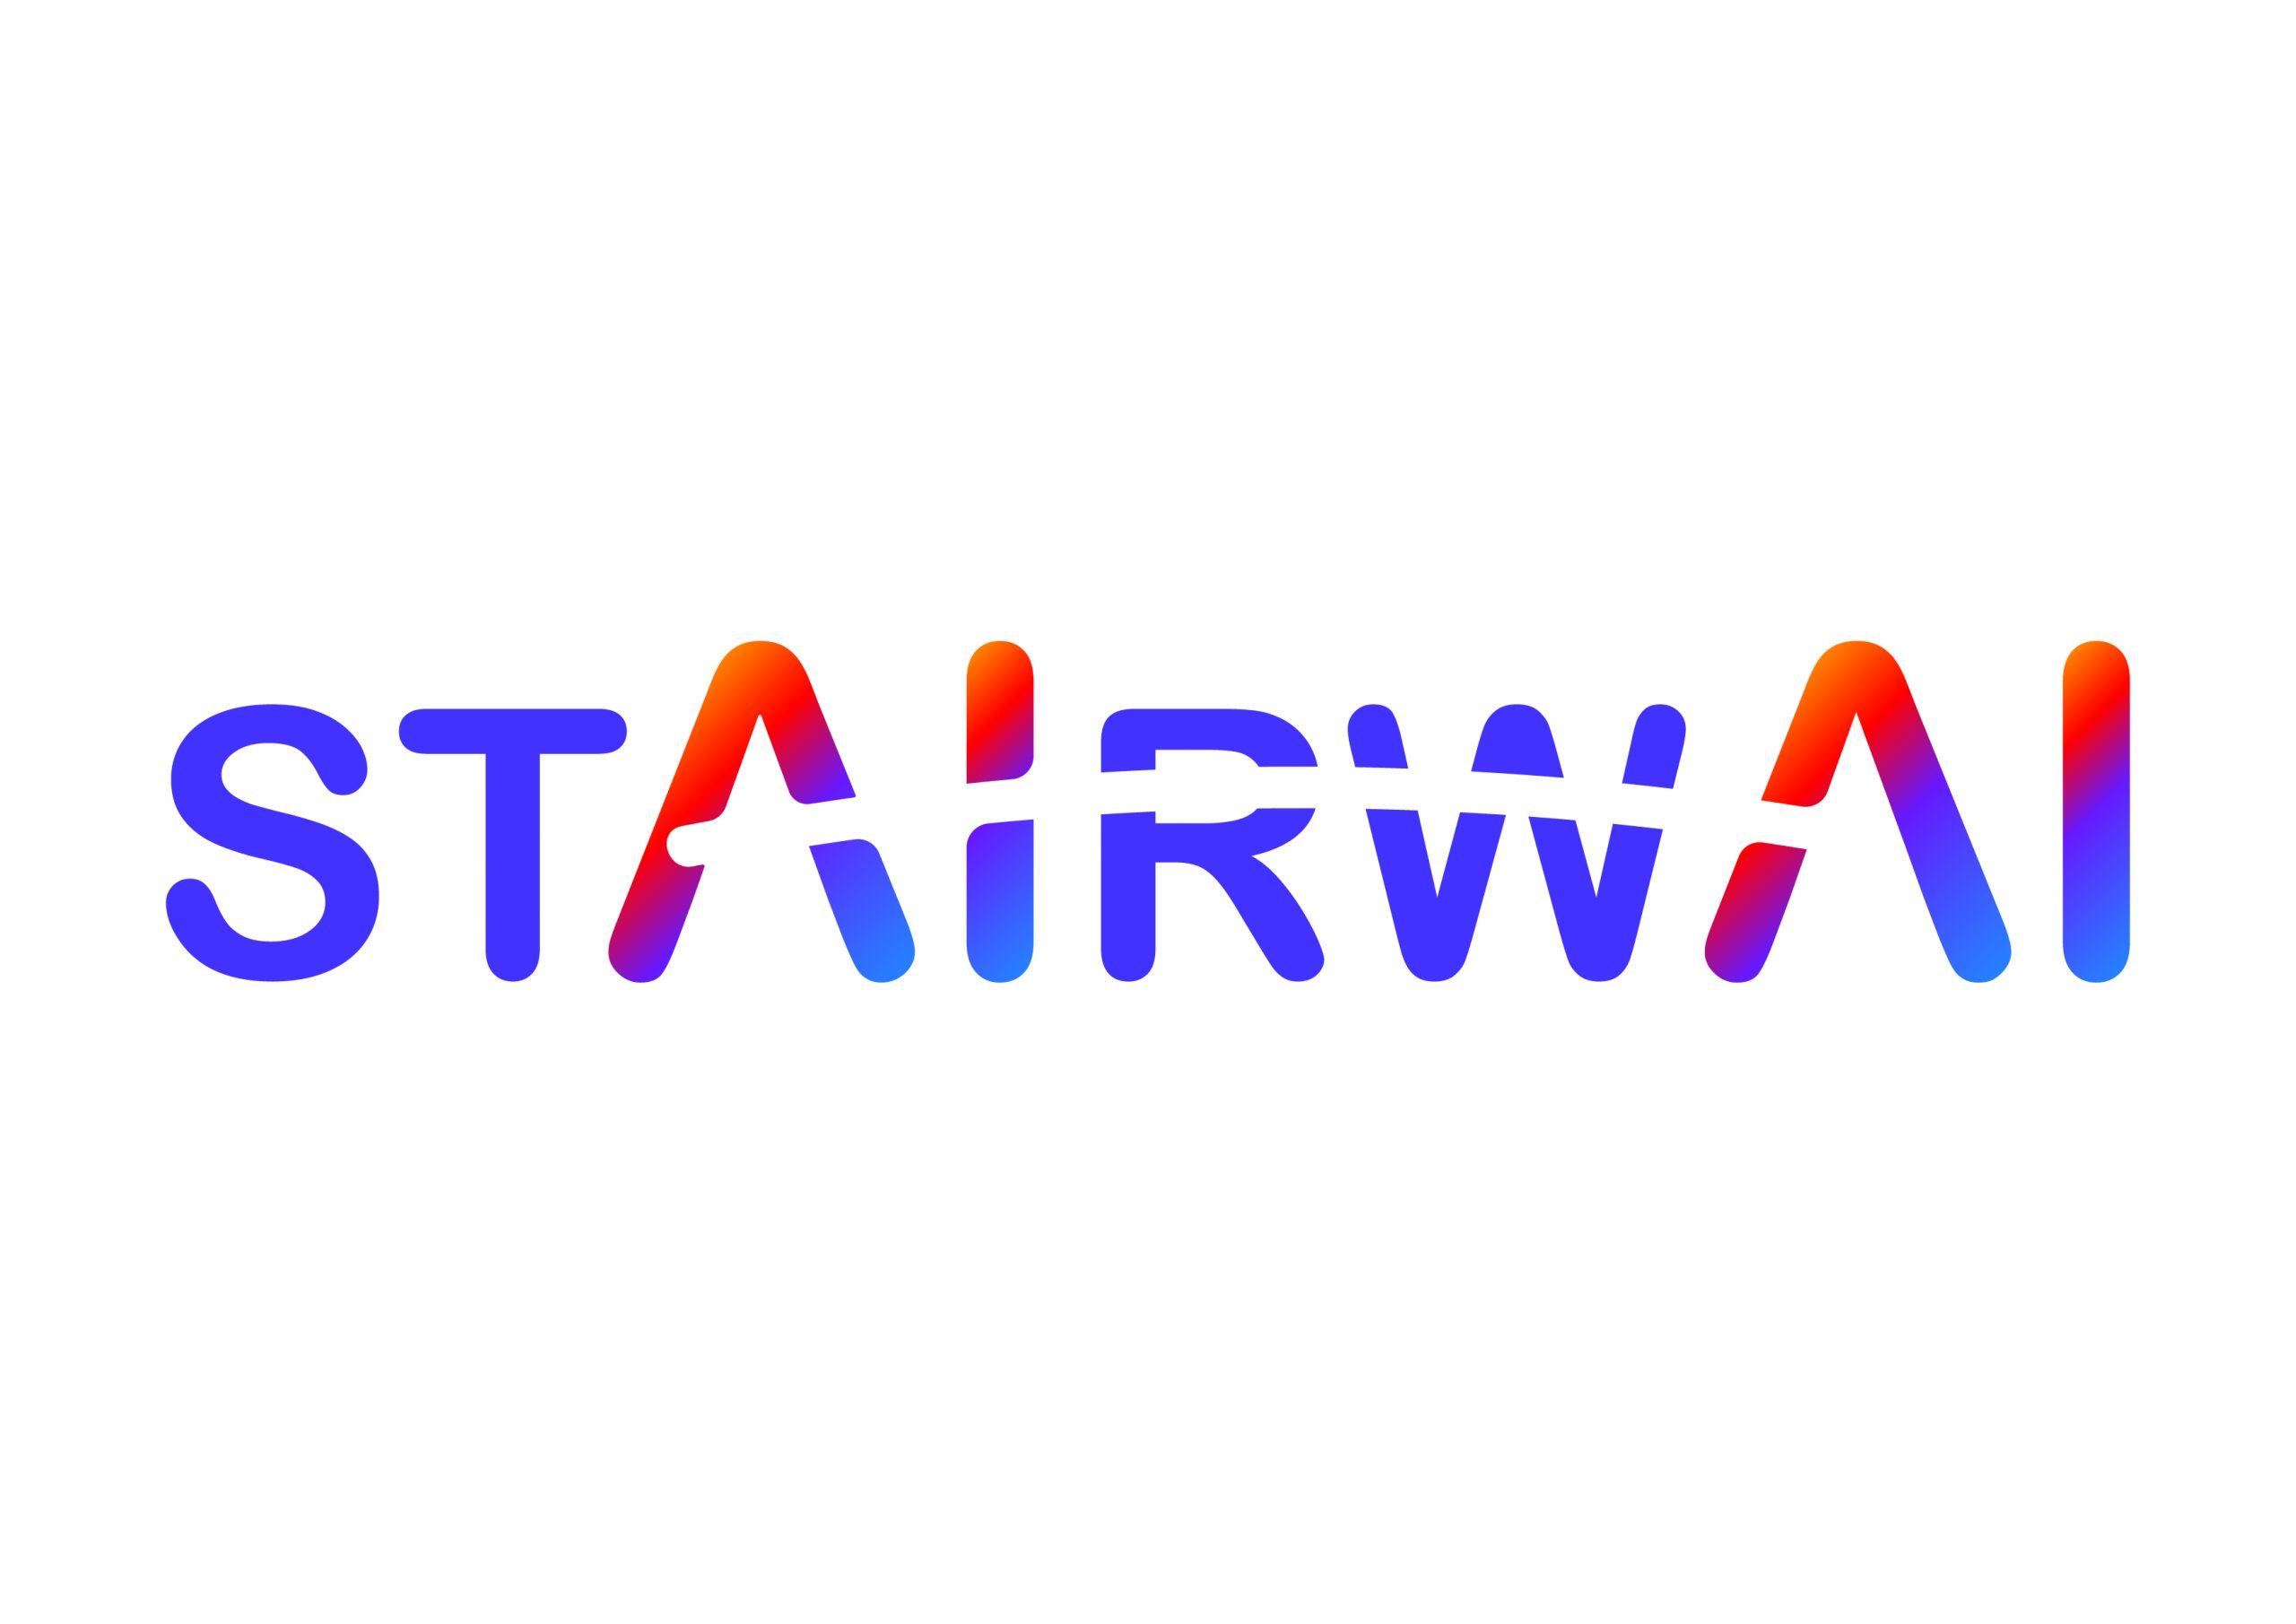 StairwAI